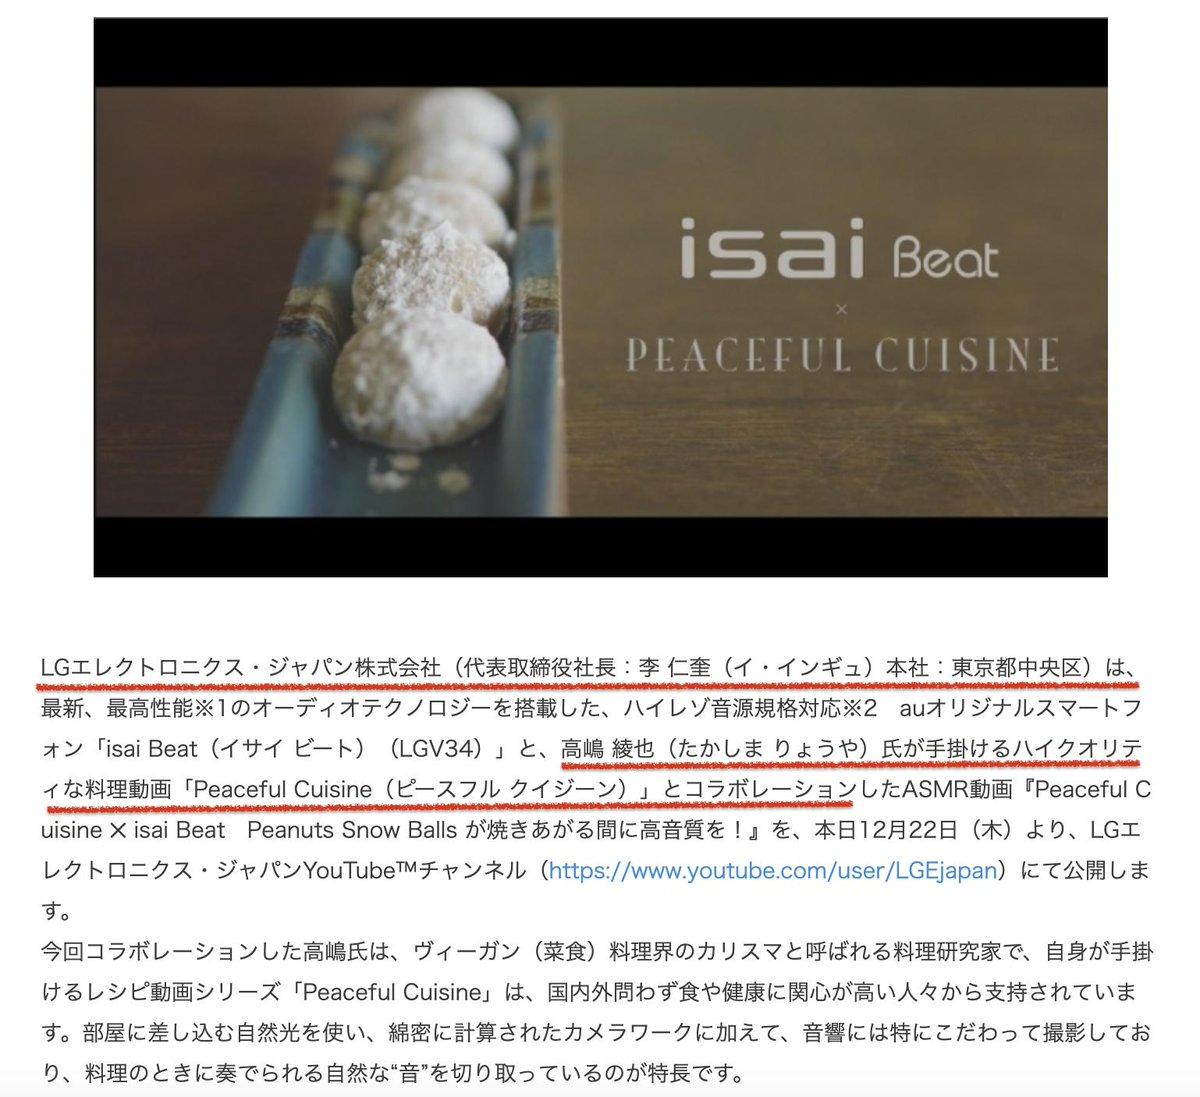 【その④李家とコラボ】李 仁奎(イ・インギュ)が社長を務めるLGエレクトロニクス・ジャパン株式会社とコラボ☑️やはり只のシェフではなく李家・生長の家絡みヴィーガン料理を通じて世界中にカルト思想を広める役割です